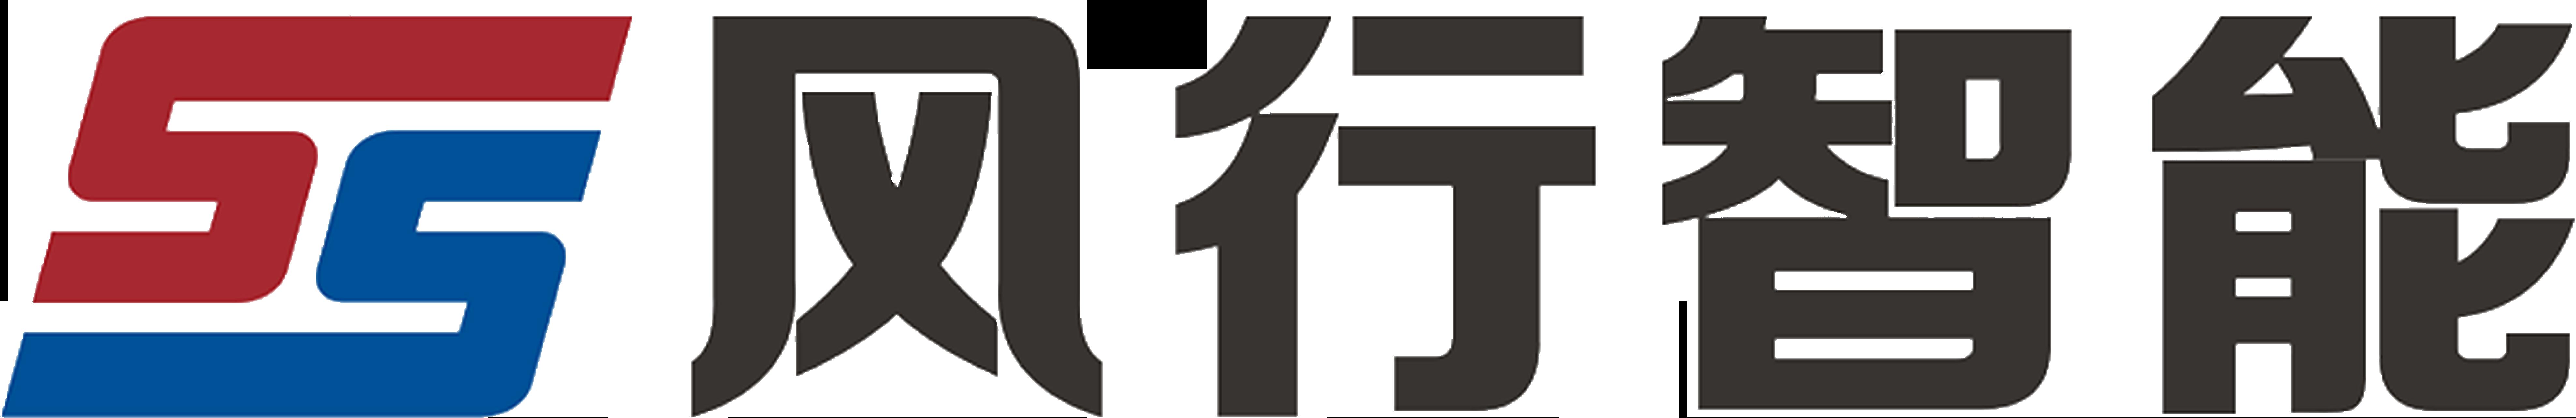 北京工道风行智能技术有限公司-2018中国国际福祉博览会暨中国国际康复博览会